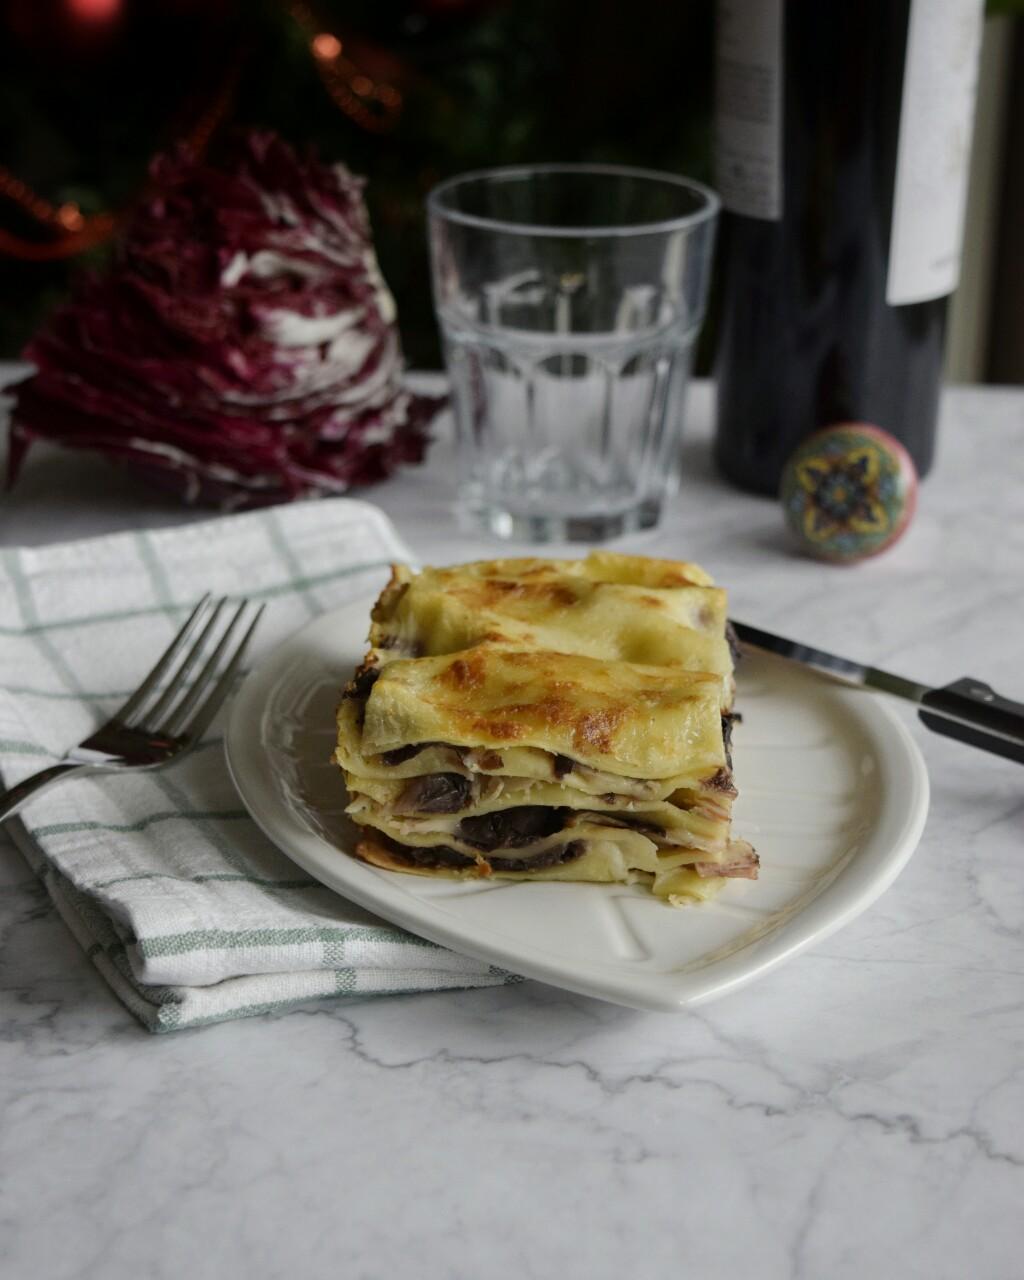 Ricetta semplice: lasagne con radicchio e formaggio brie